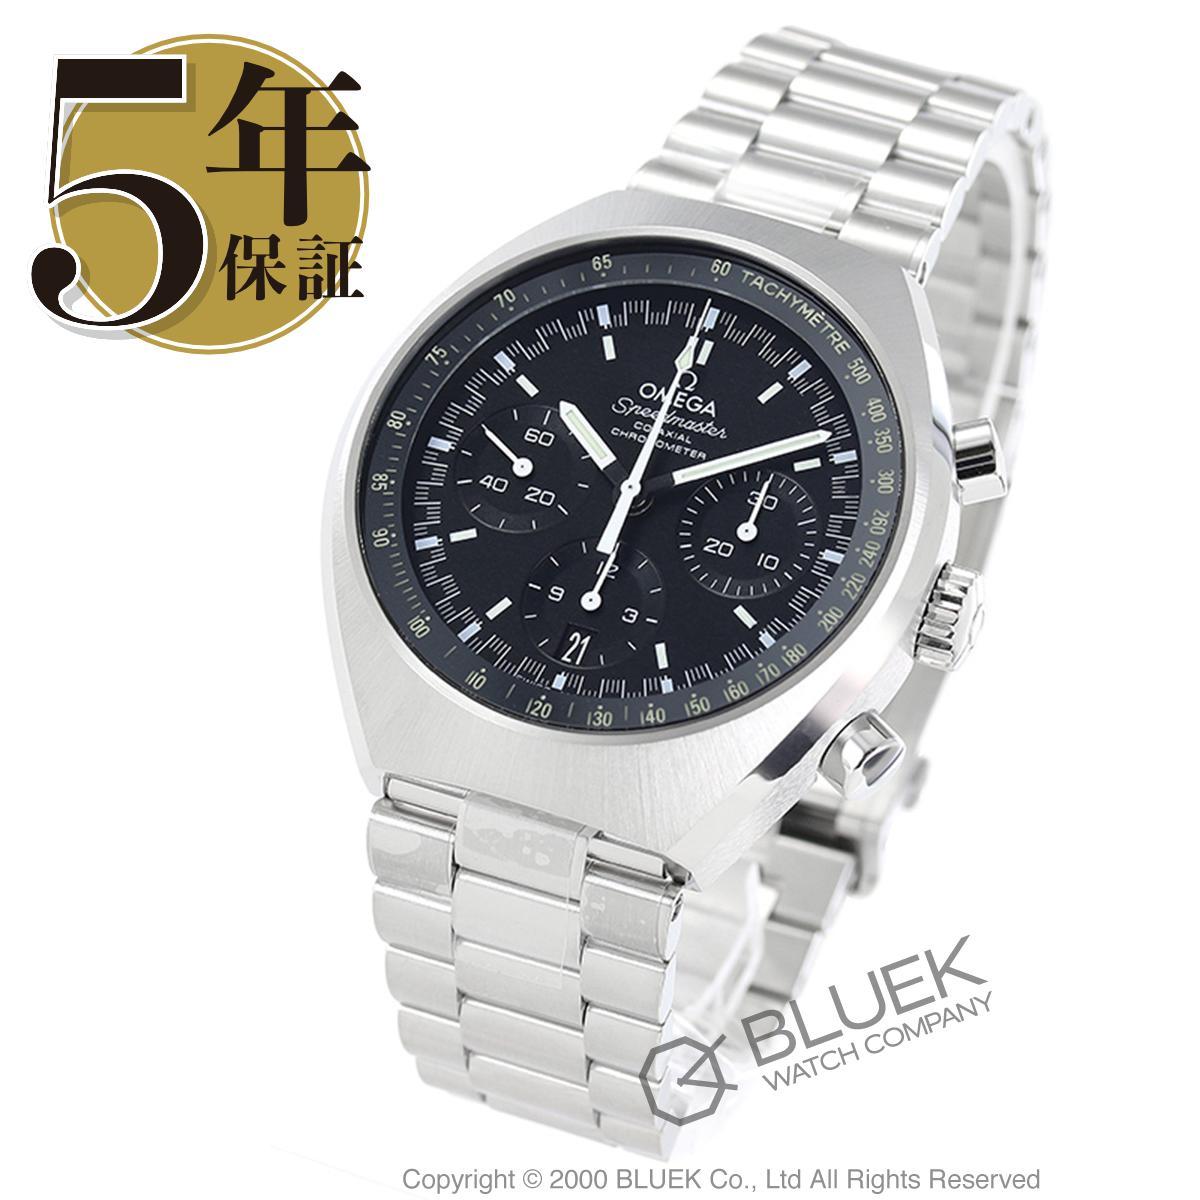 オメガ スピードマスター マークII クロノグラフ 腕時計 メンズ OMEGA 327.10.43.50.01.001_8